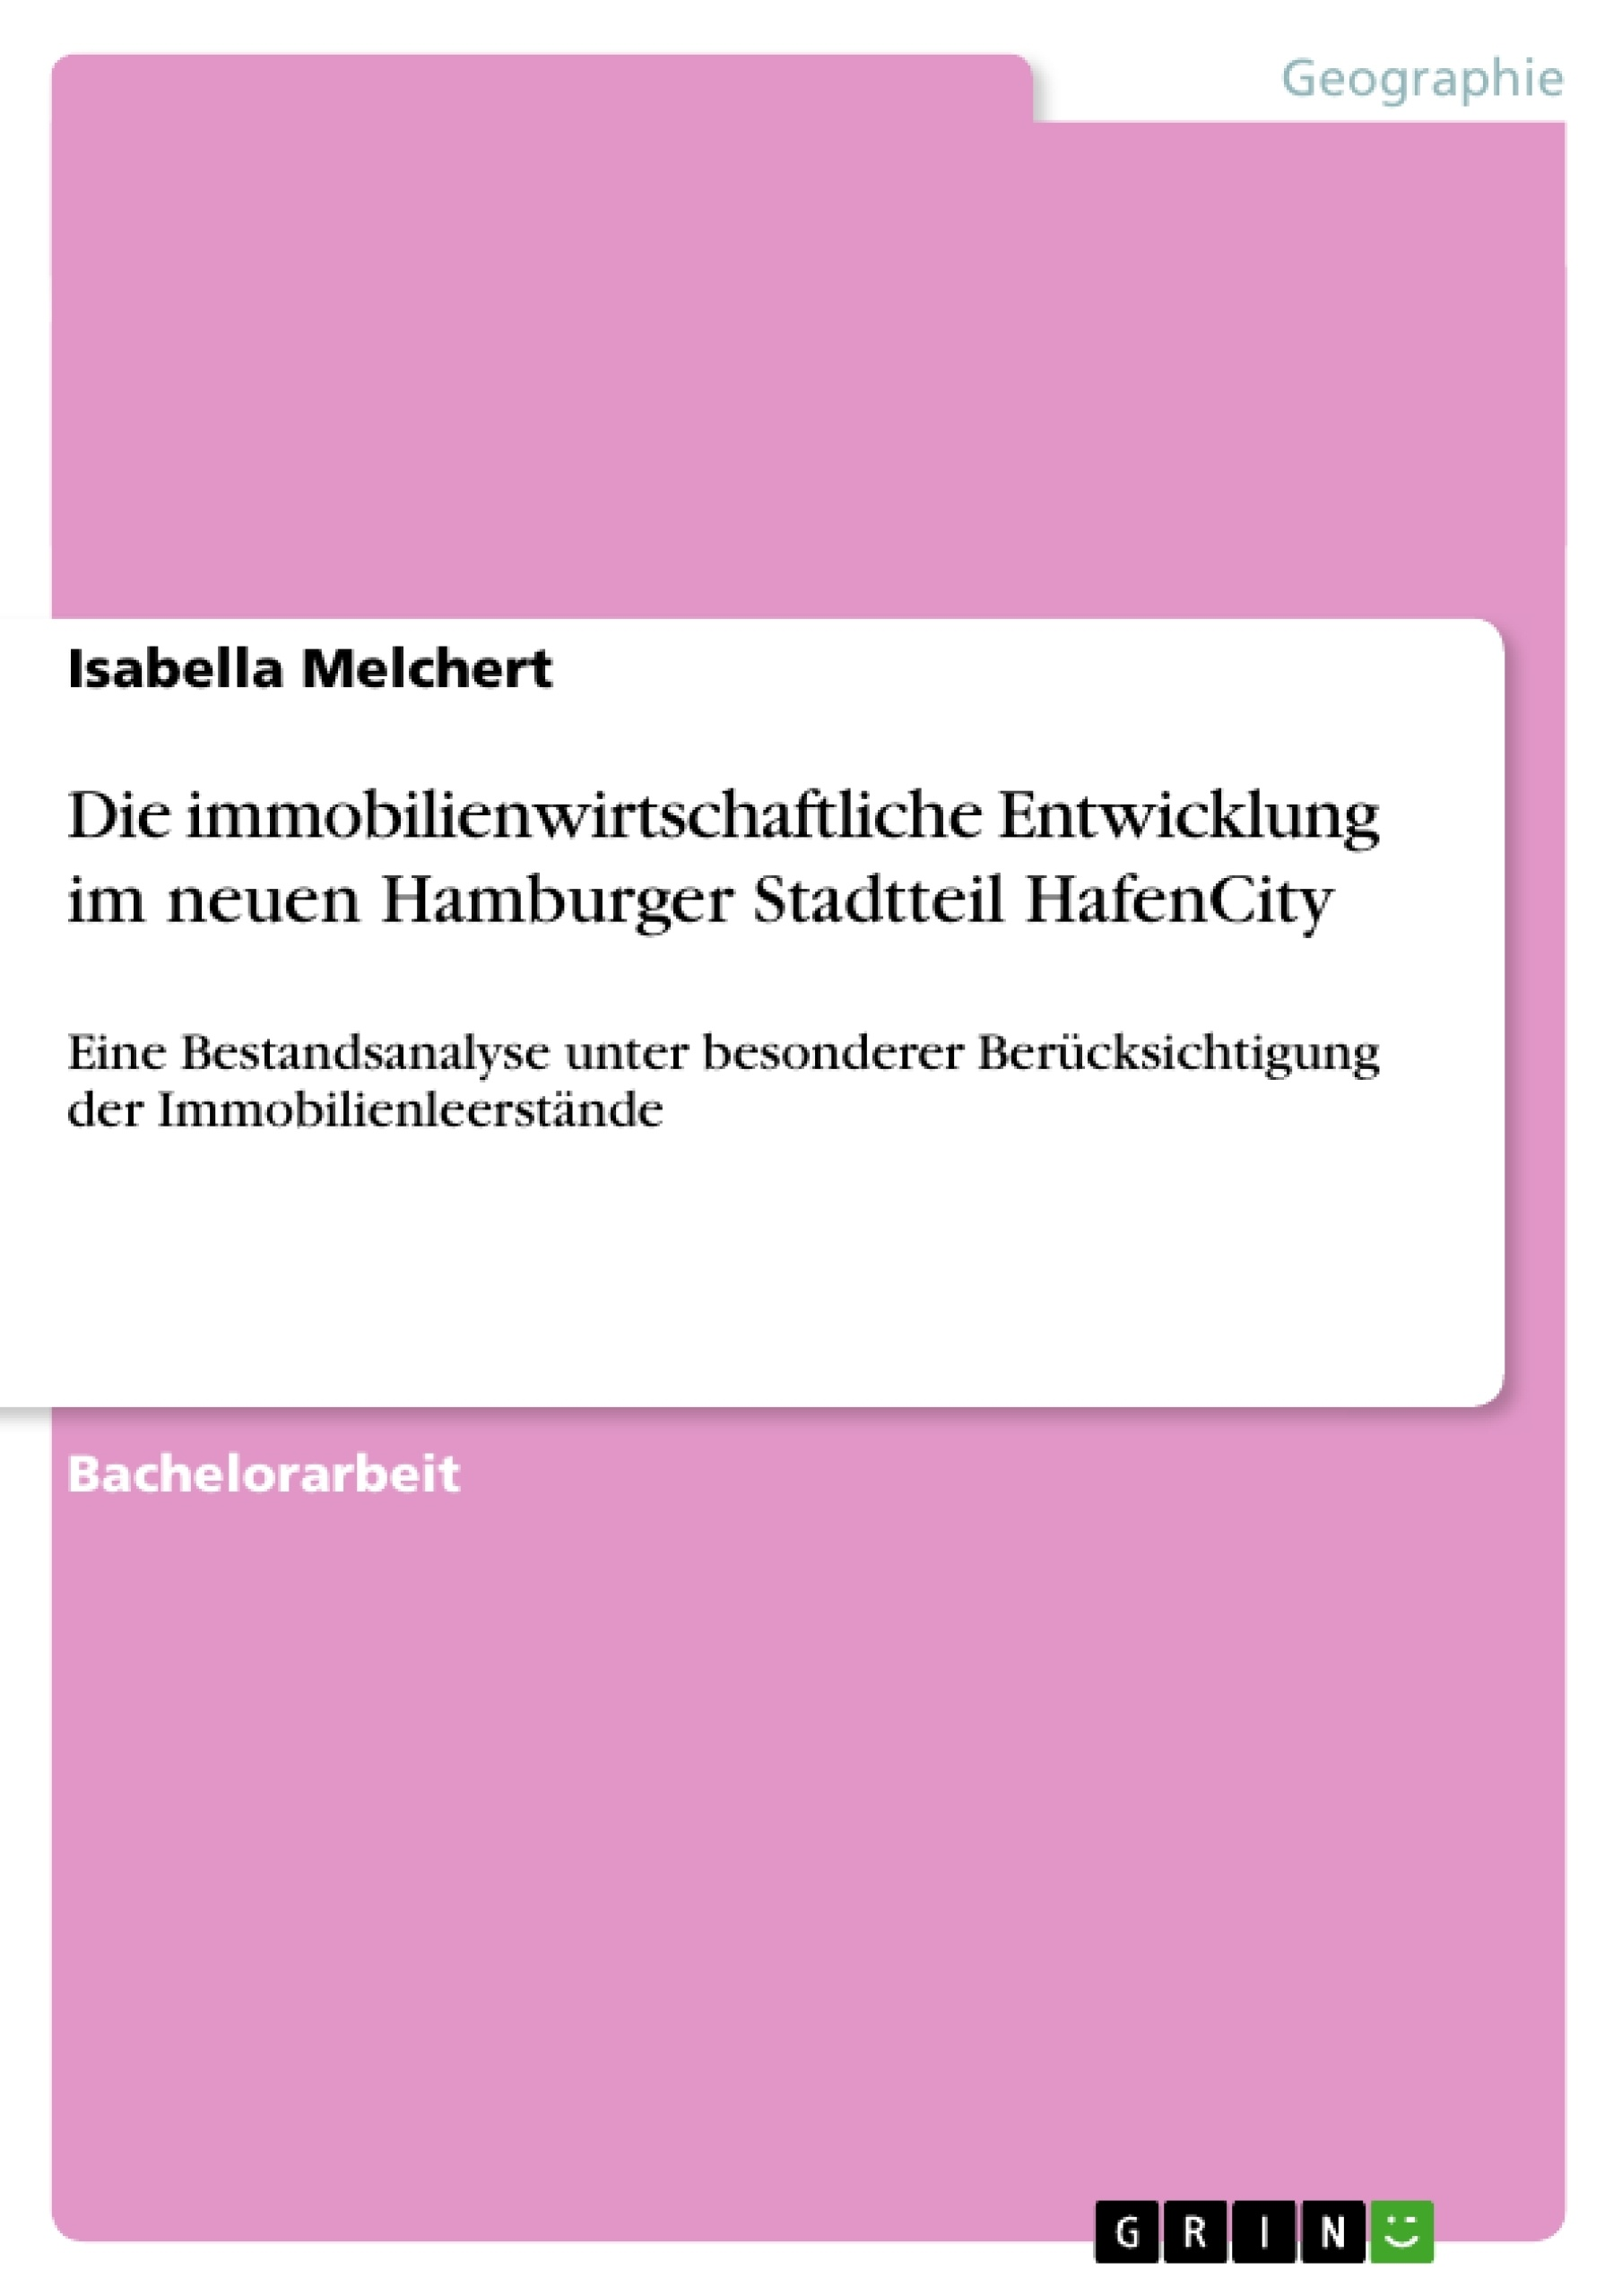 Titel: Die immobilienwirtschaftliche Entwicklung im neuen Hamburger Stadtteil HafenCity